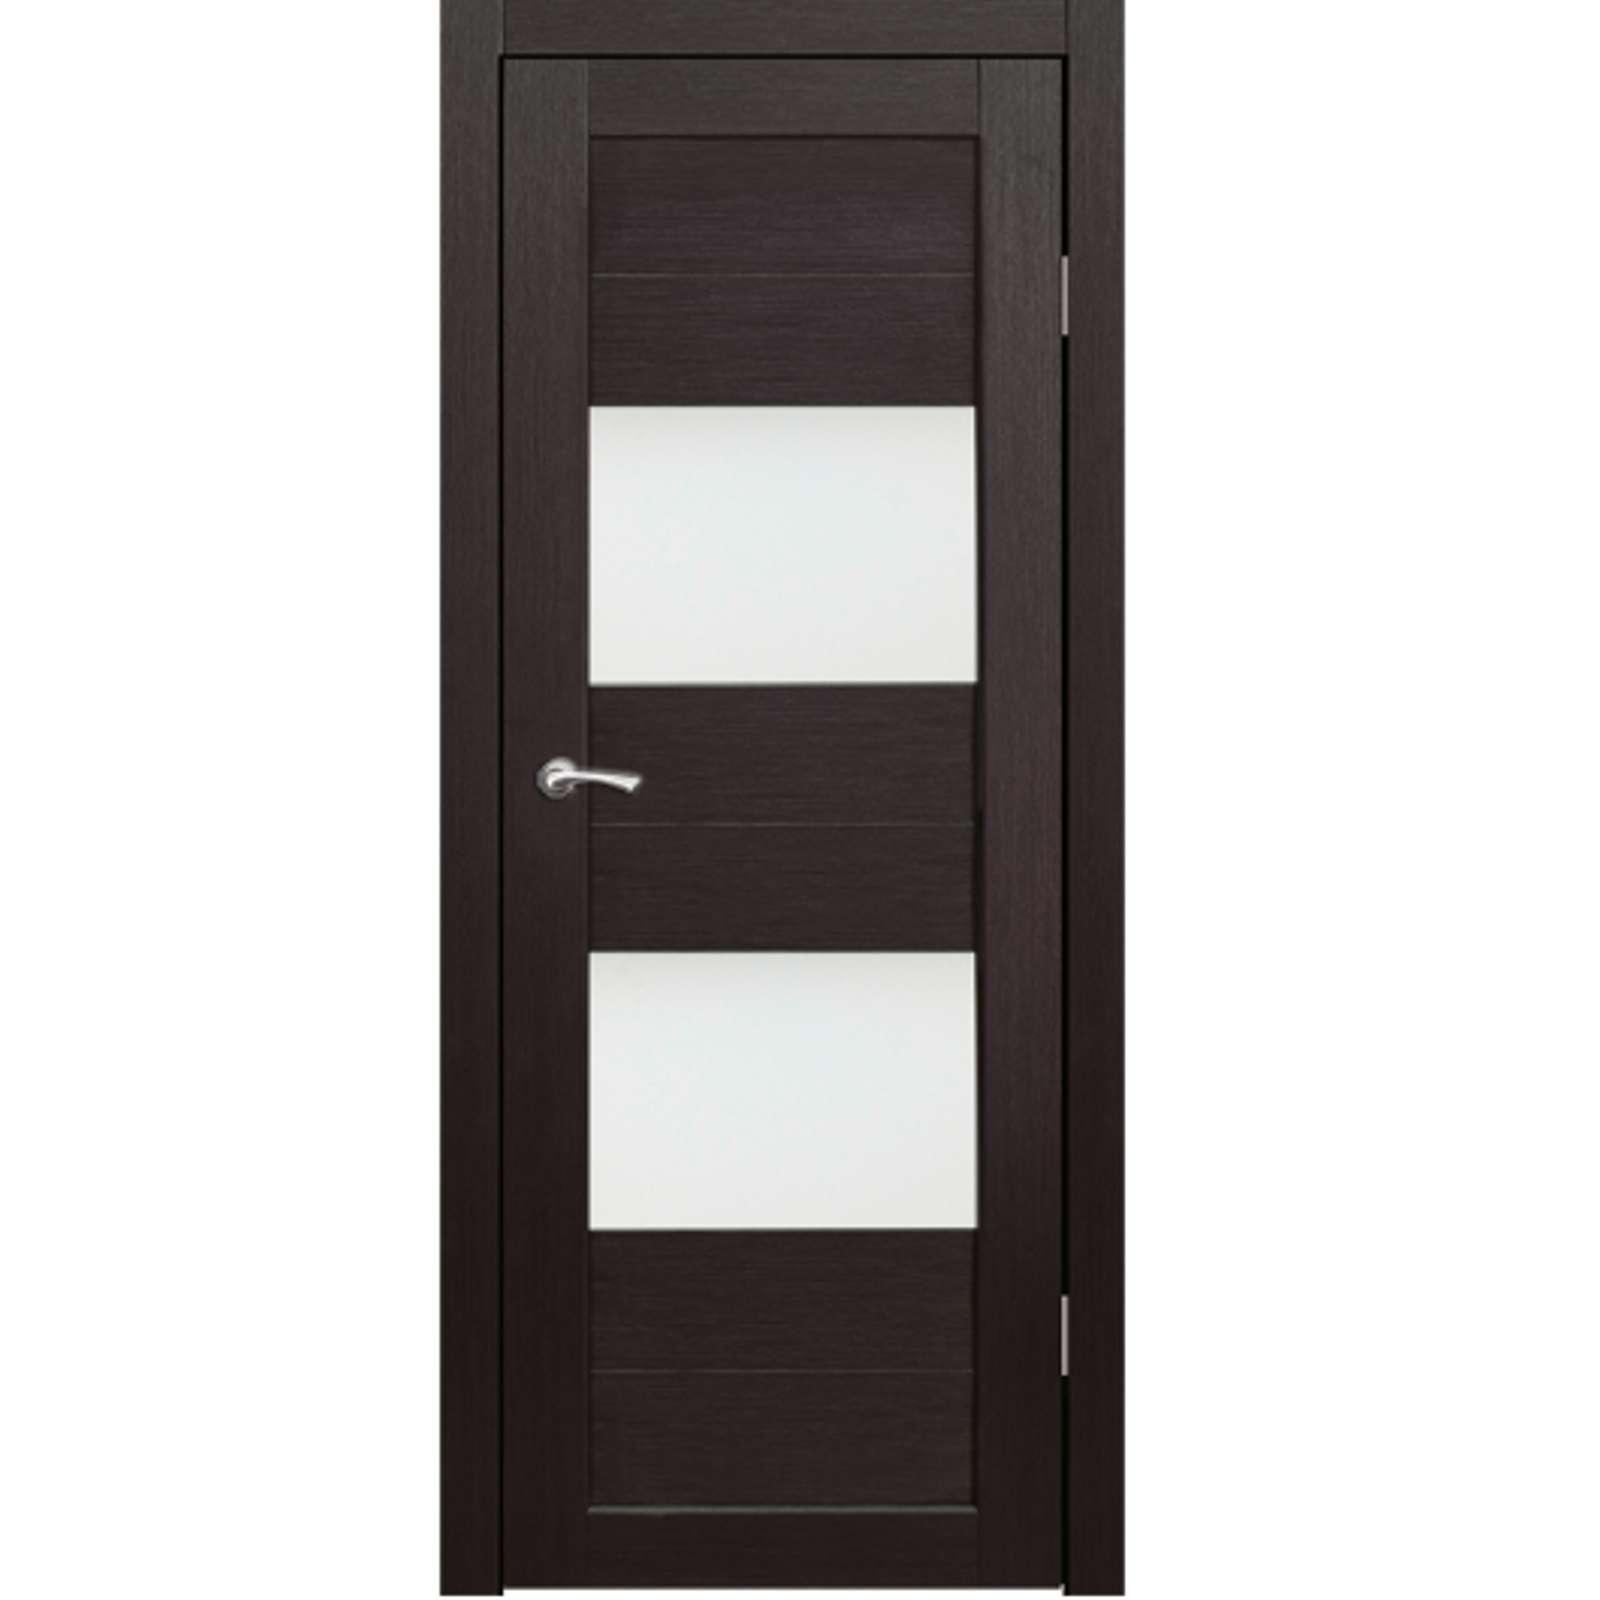 Полотно дверное остекленное Форте (черное стекло) СИНЕРЖИ венге ПВХ, ПДО 750х1750 мм НЕСТАНДАРТ